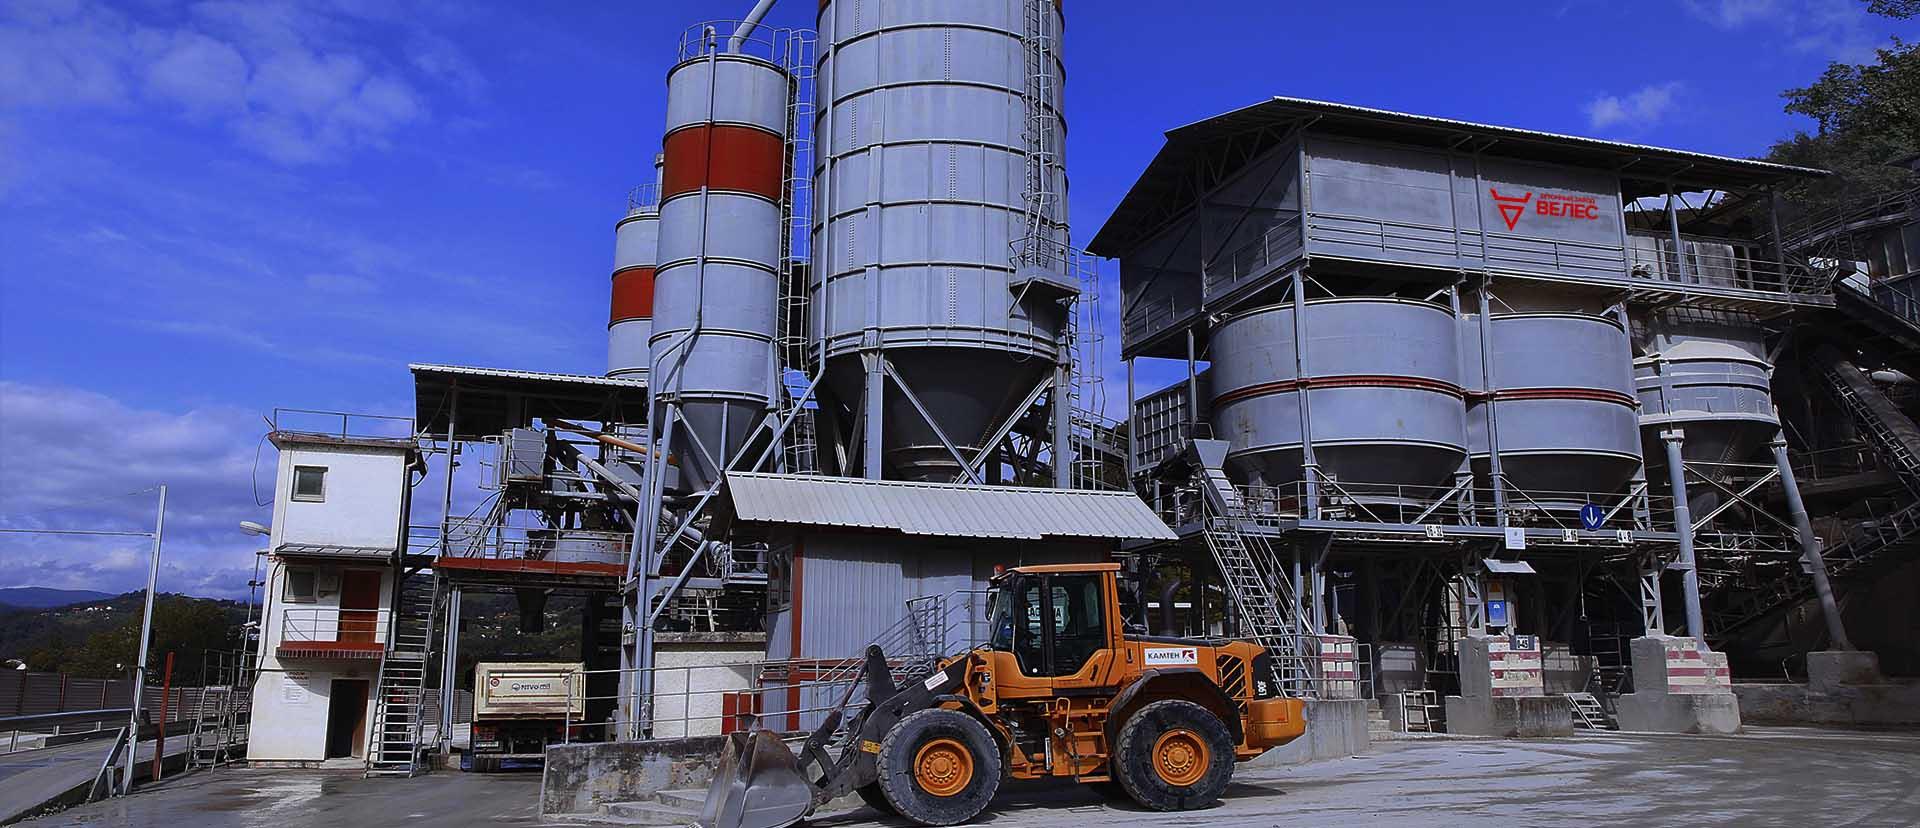 Бетон завод красноярск купит керамзитобетон в самаре